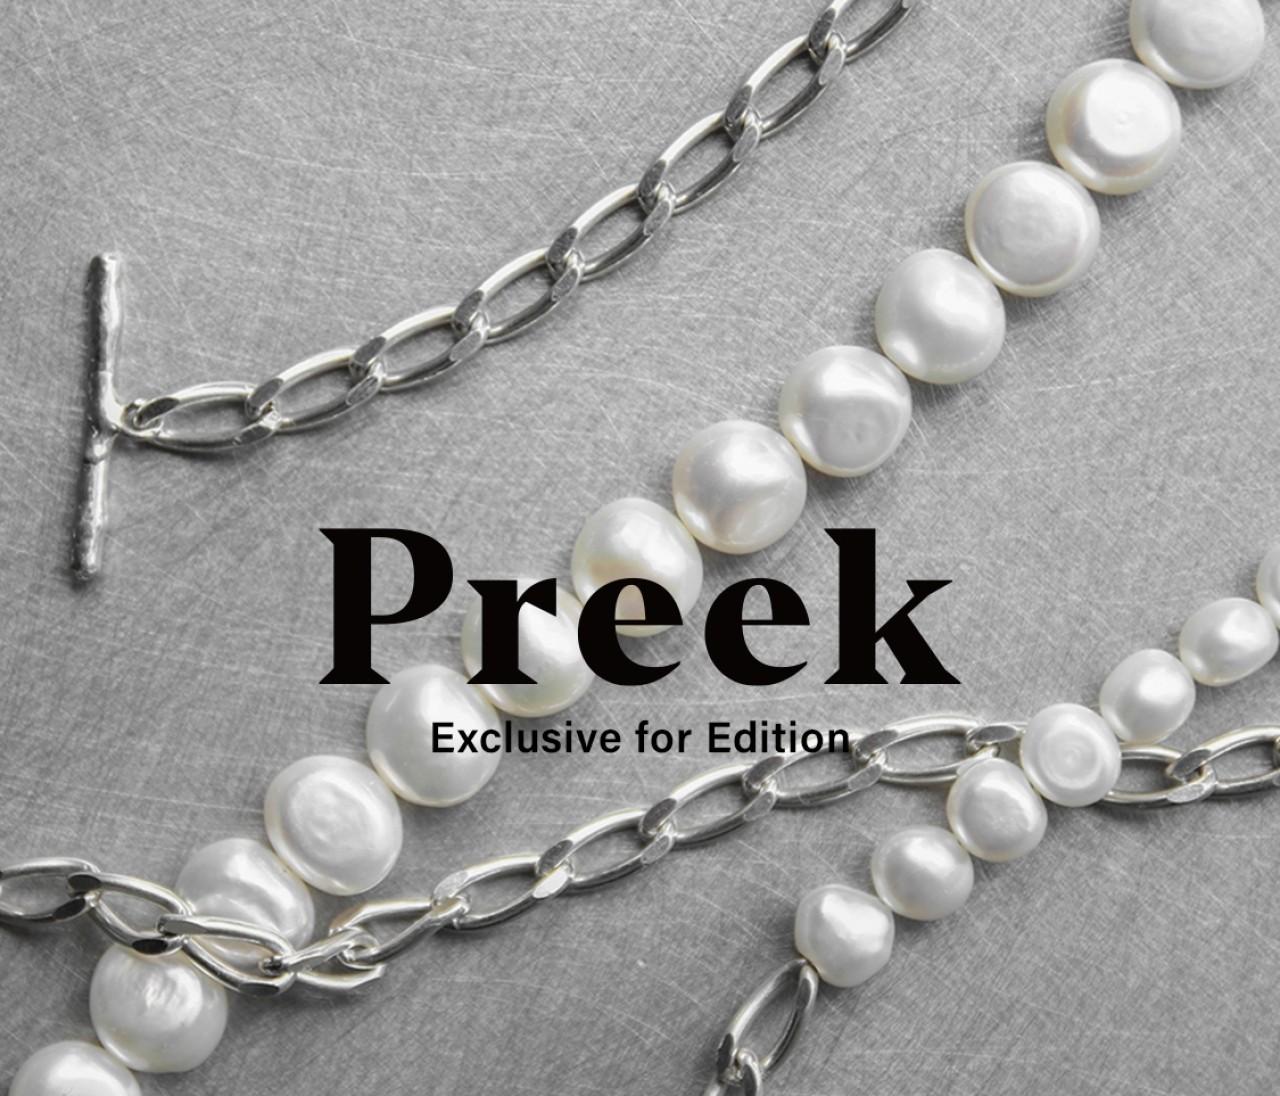 「エディション」が注目ジェエリーブランド「Preek」(プリーク)に別注。バロックパールを使った限定ネックレスを発売!